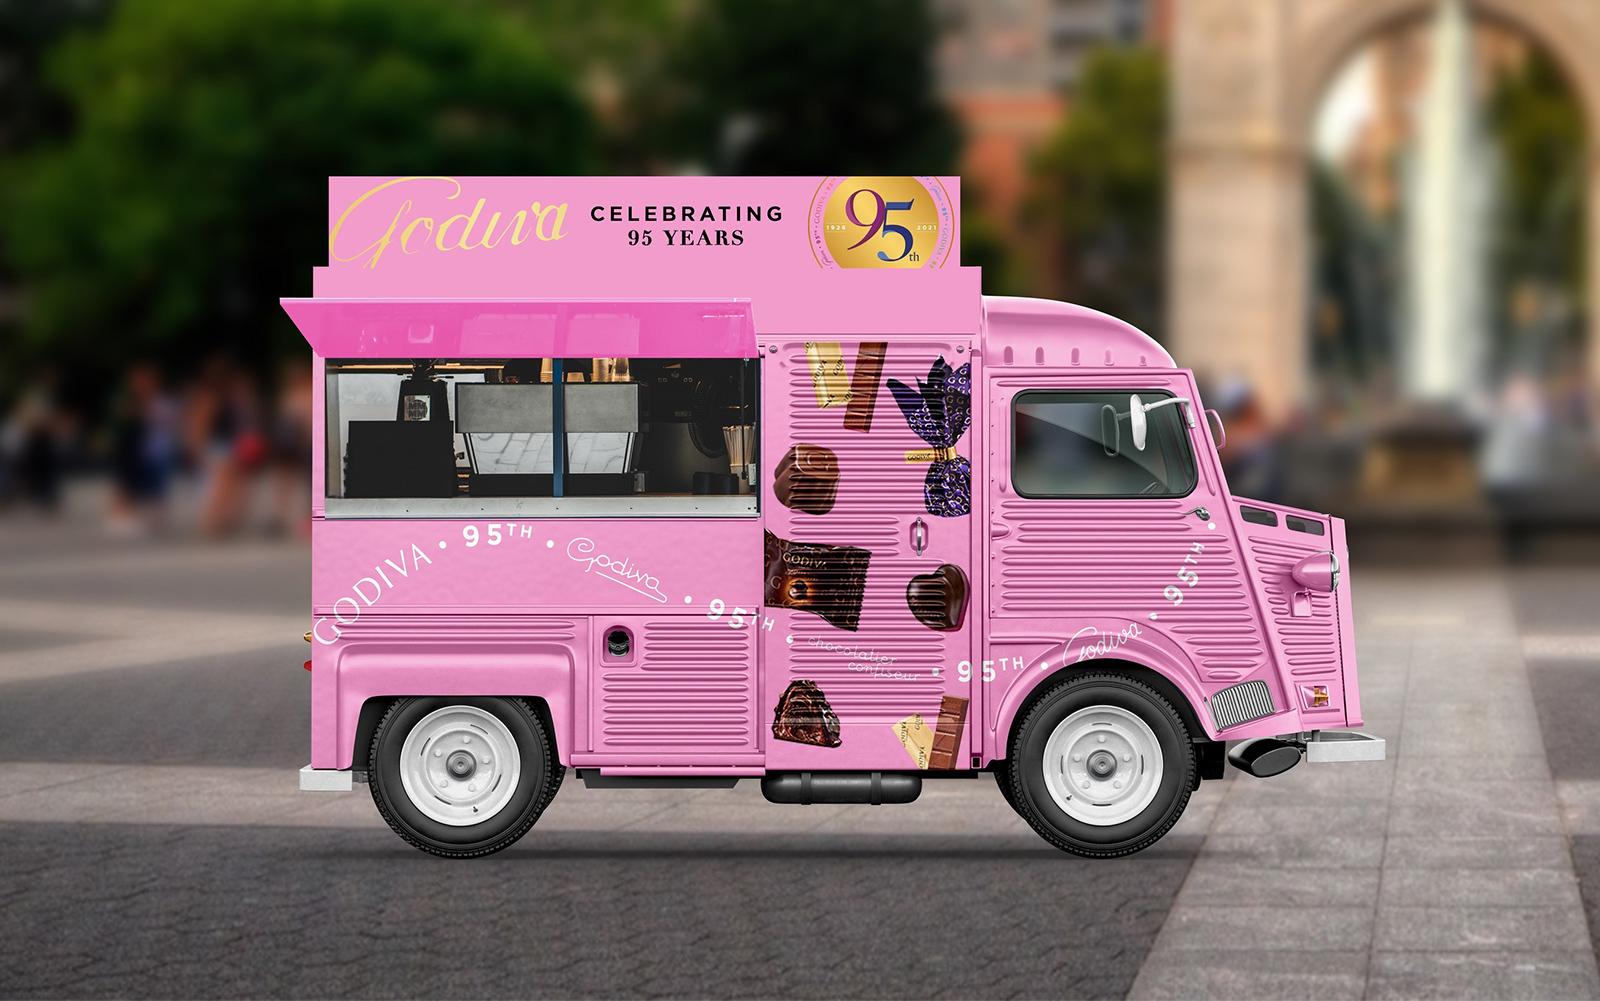 【海外】ゴディバのピンクトラック、NYの街に幸せを届ける。6月末までチョコレート無償提供